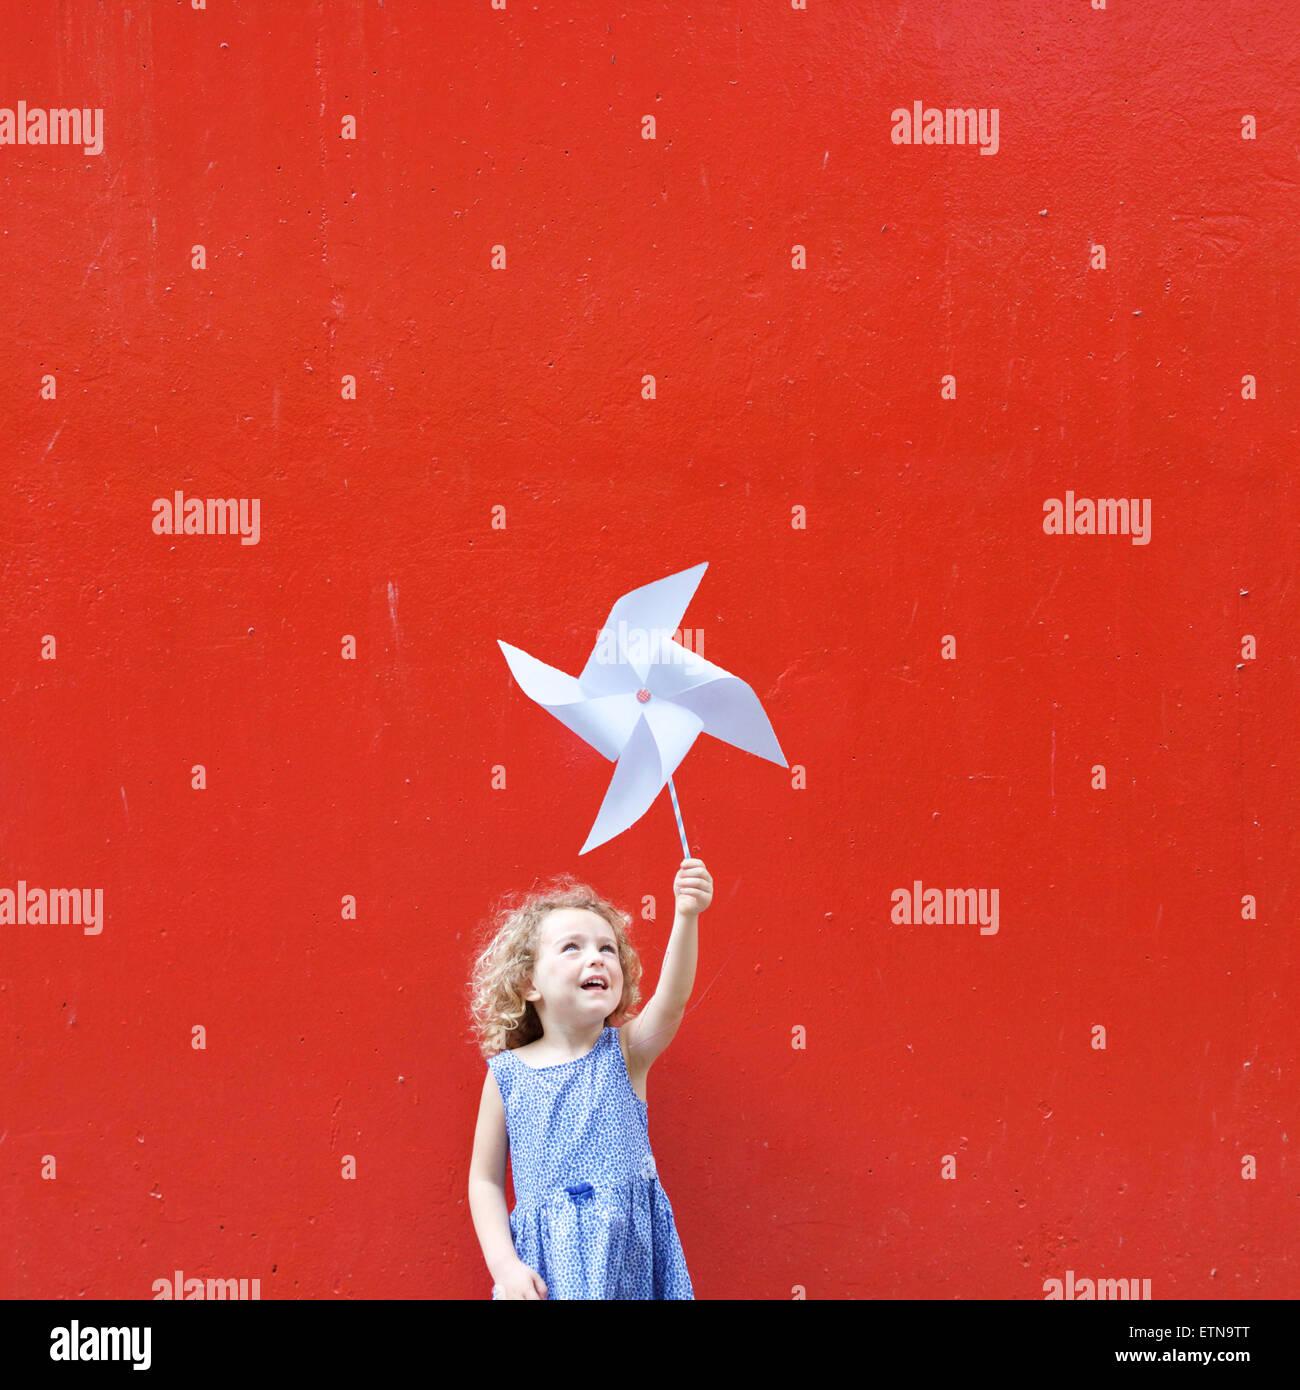 Lächelndes Mädchen hält ein Windrad in der Luft, so dass eine Hong Kong-Flagge Stockbild